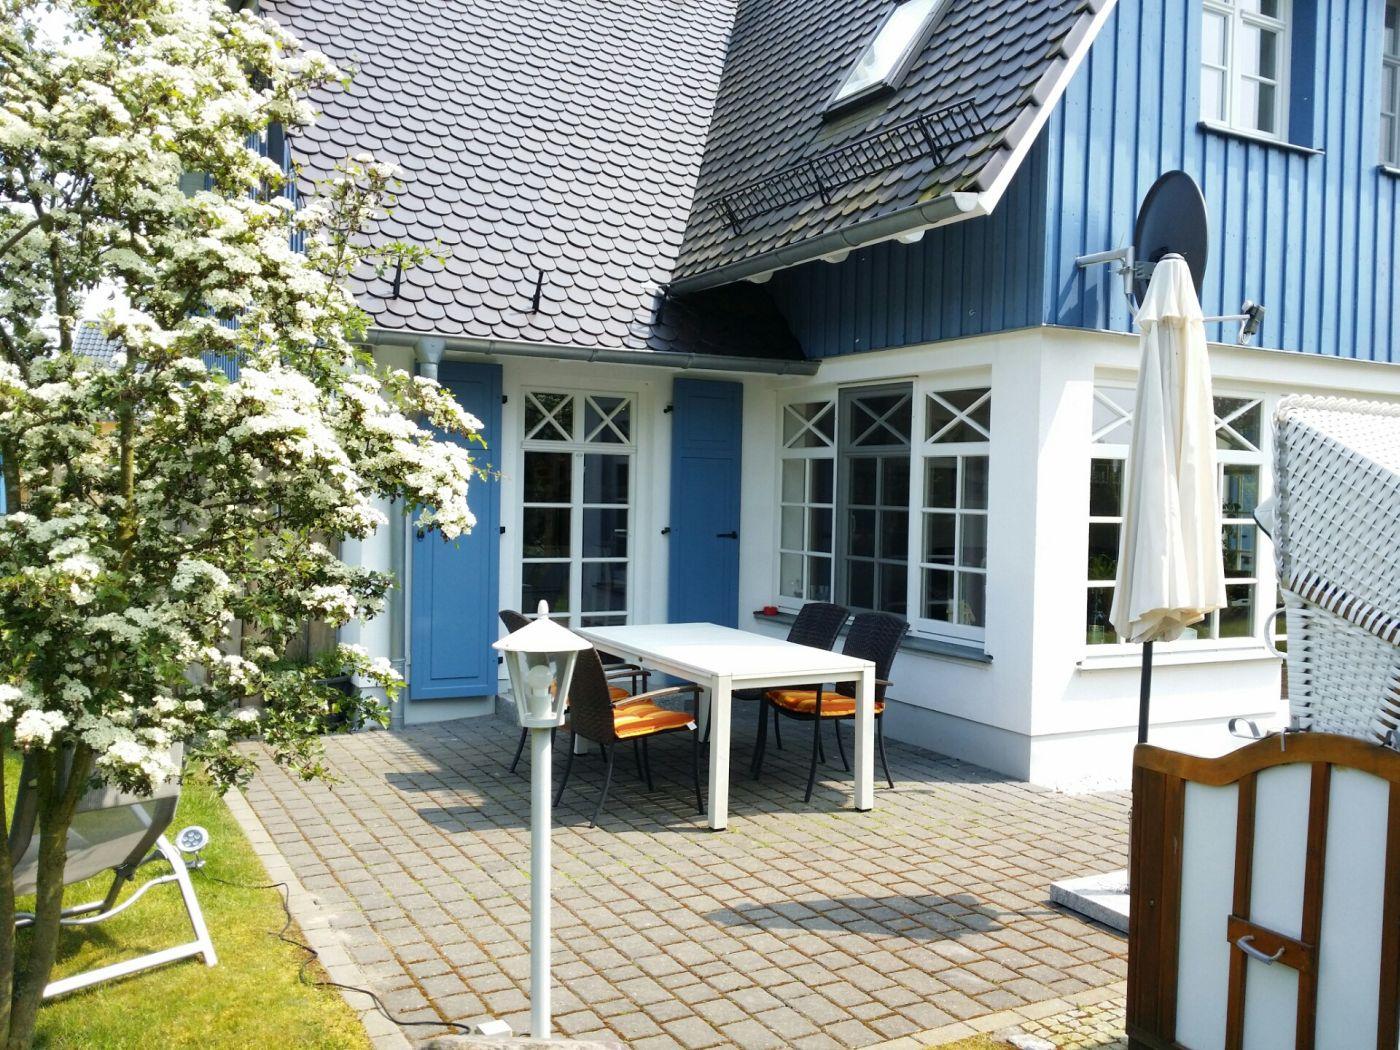 Die zweite Terrasse des Ferienhauses mit hochwertigen Gartenmöbeln, Strandkorb und massivem Grill